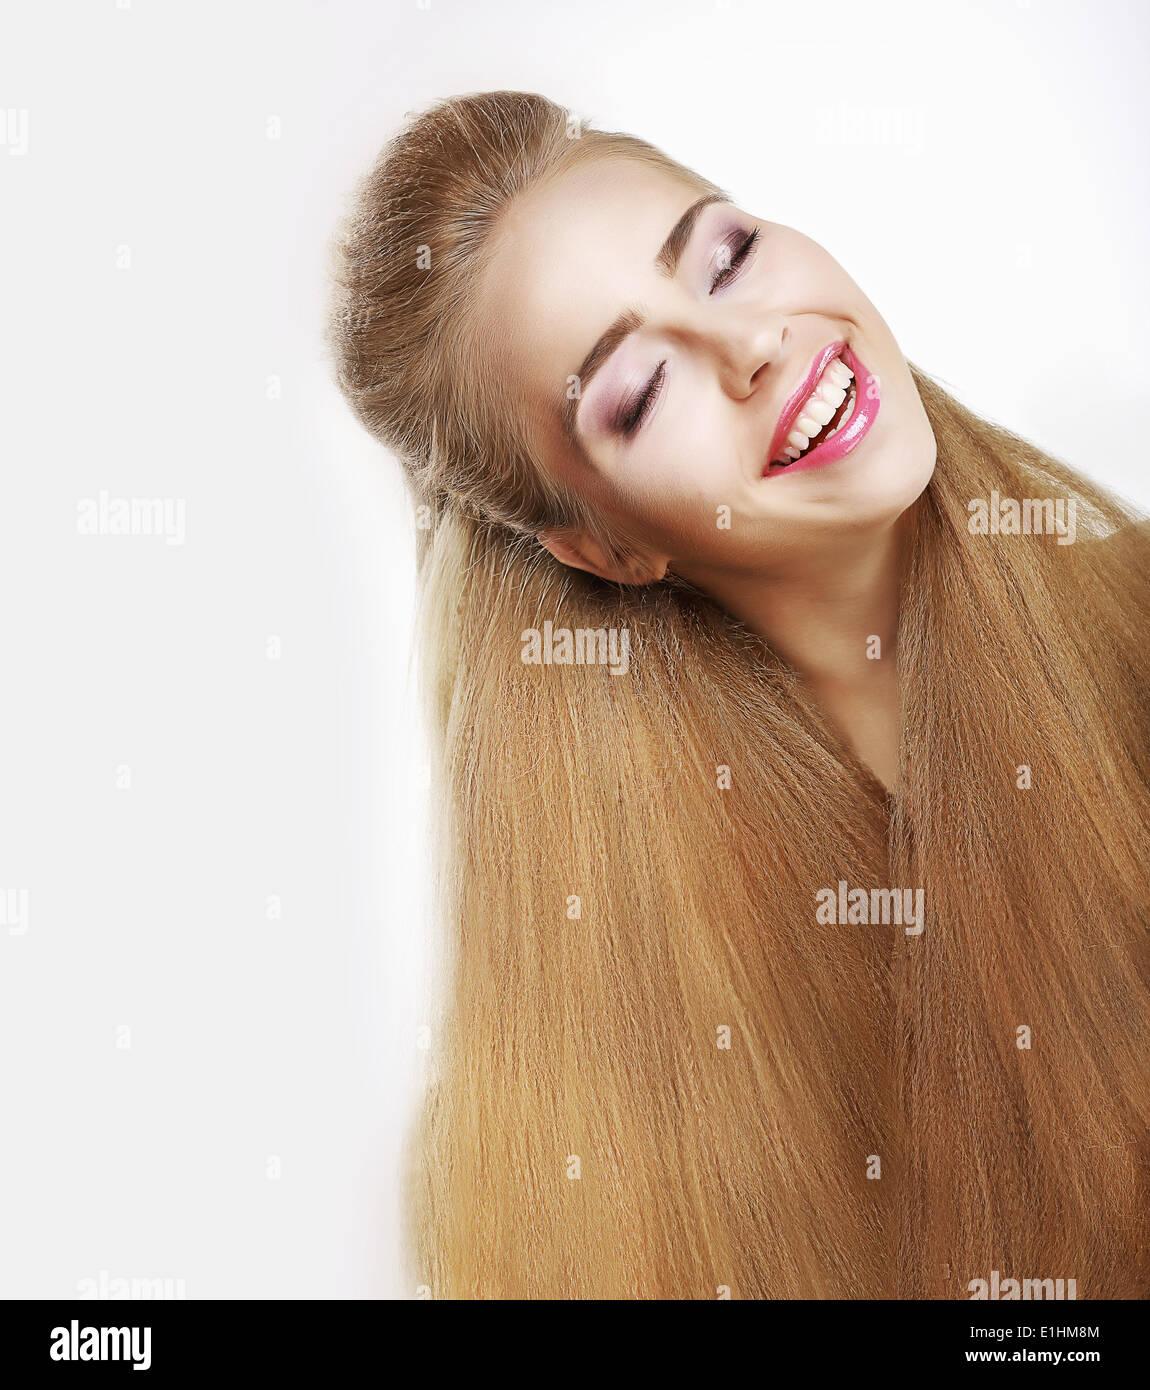 La sonrisa sincera. Mujer joven con júbilo fluyendo cabellos sanos. Placer Imagen De Stock